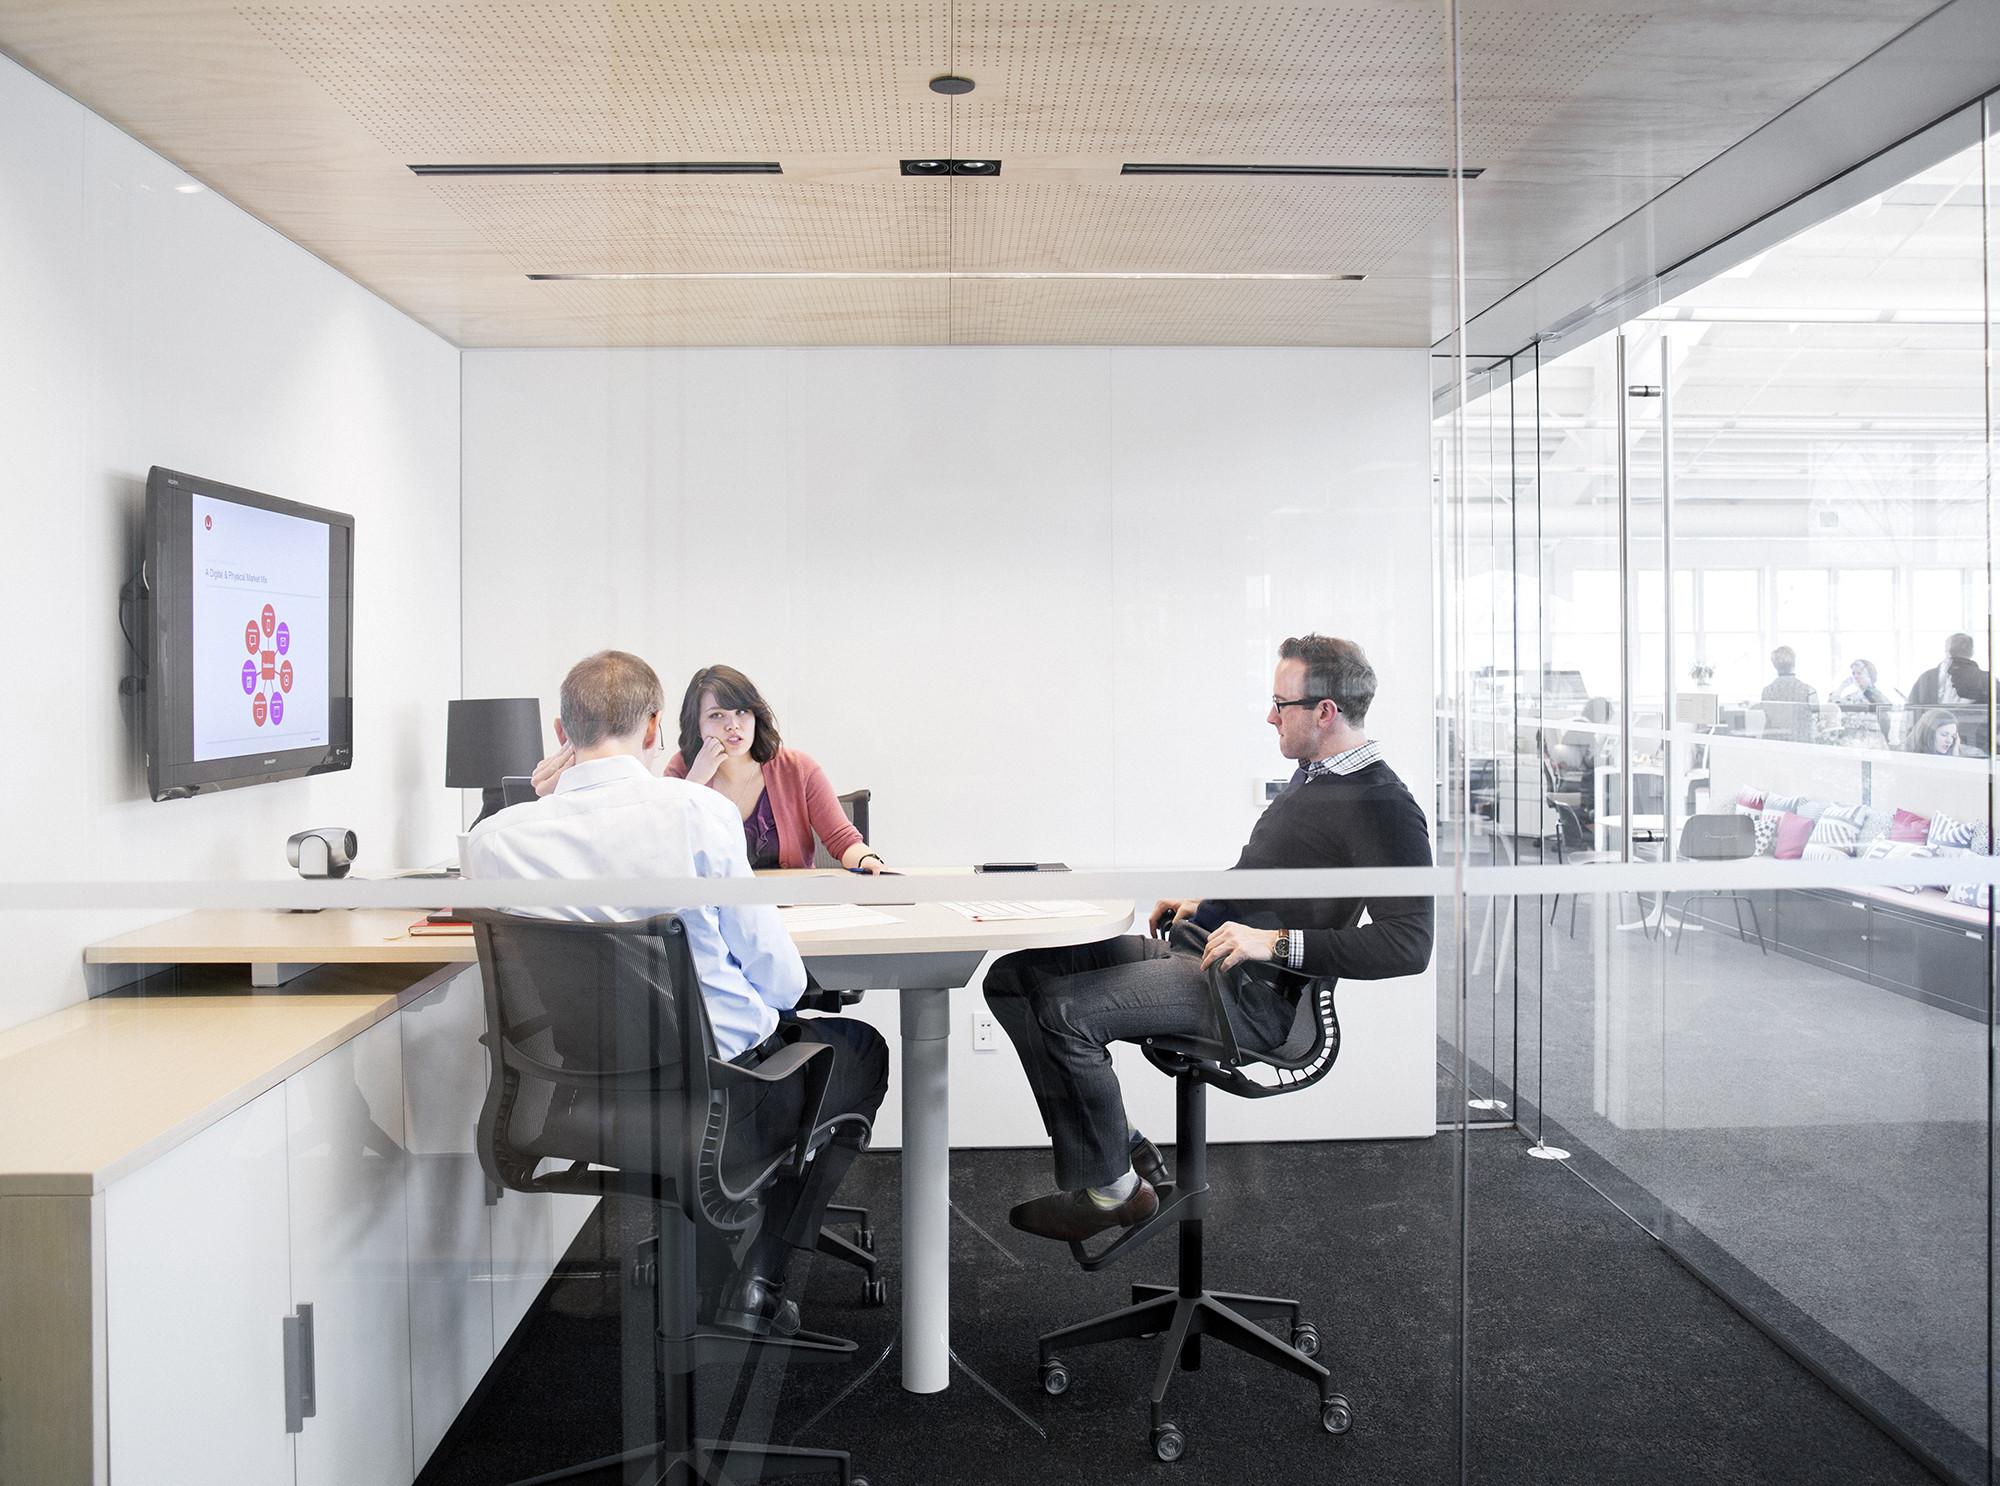 Oficinas: estrategias de ocupación del espacio